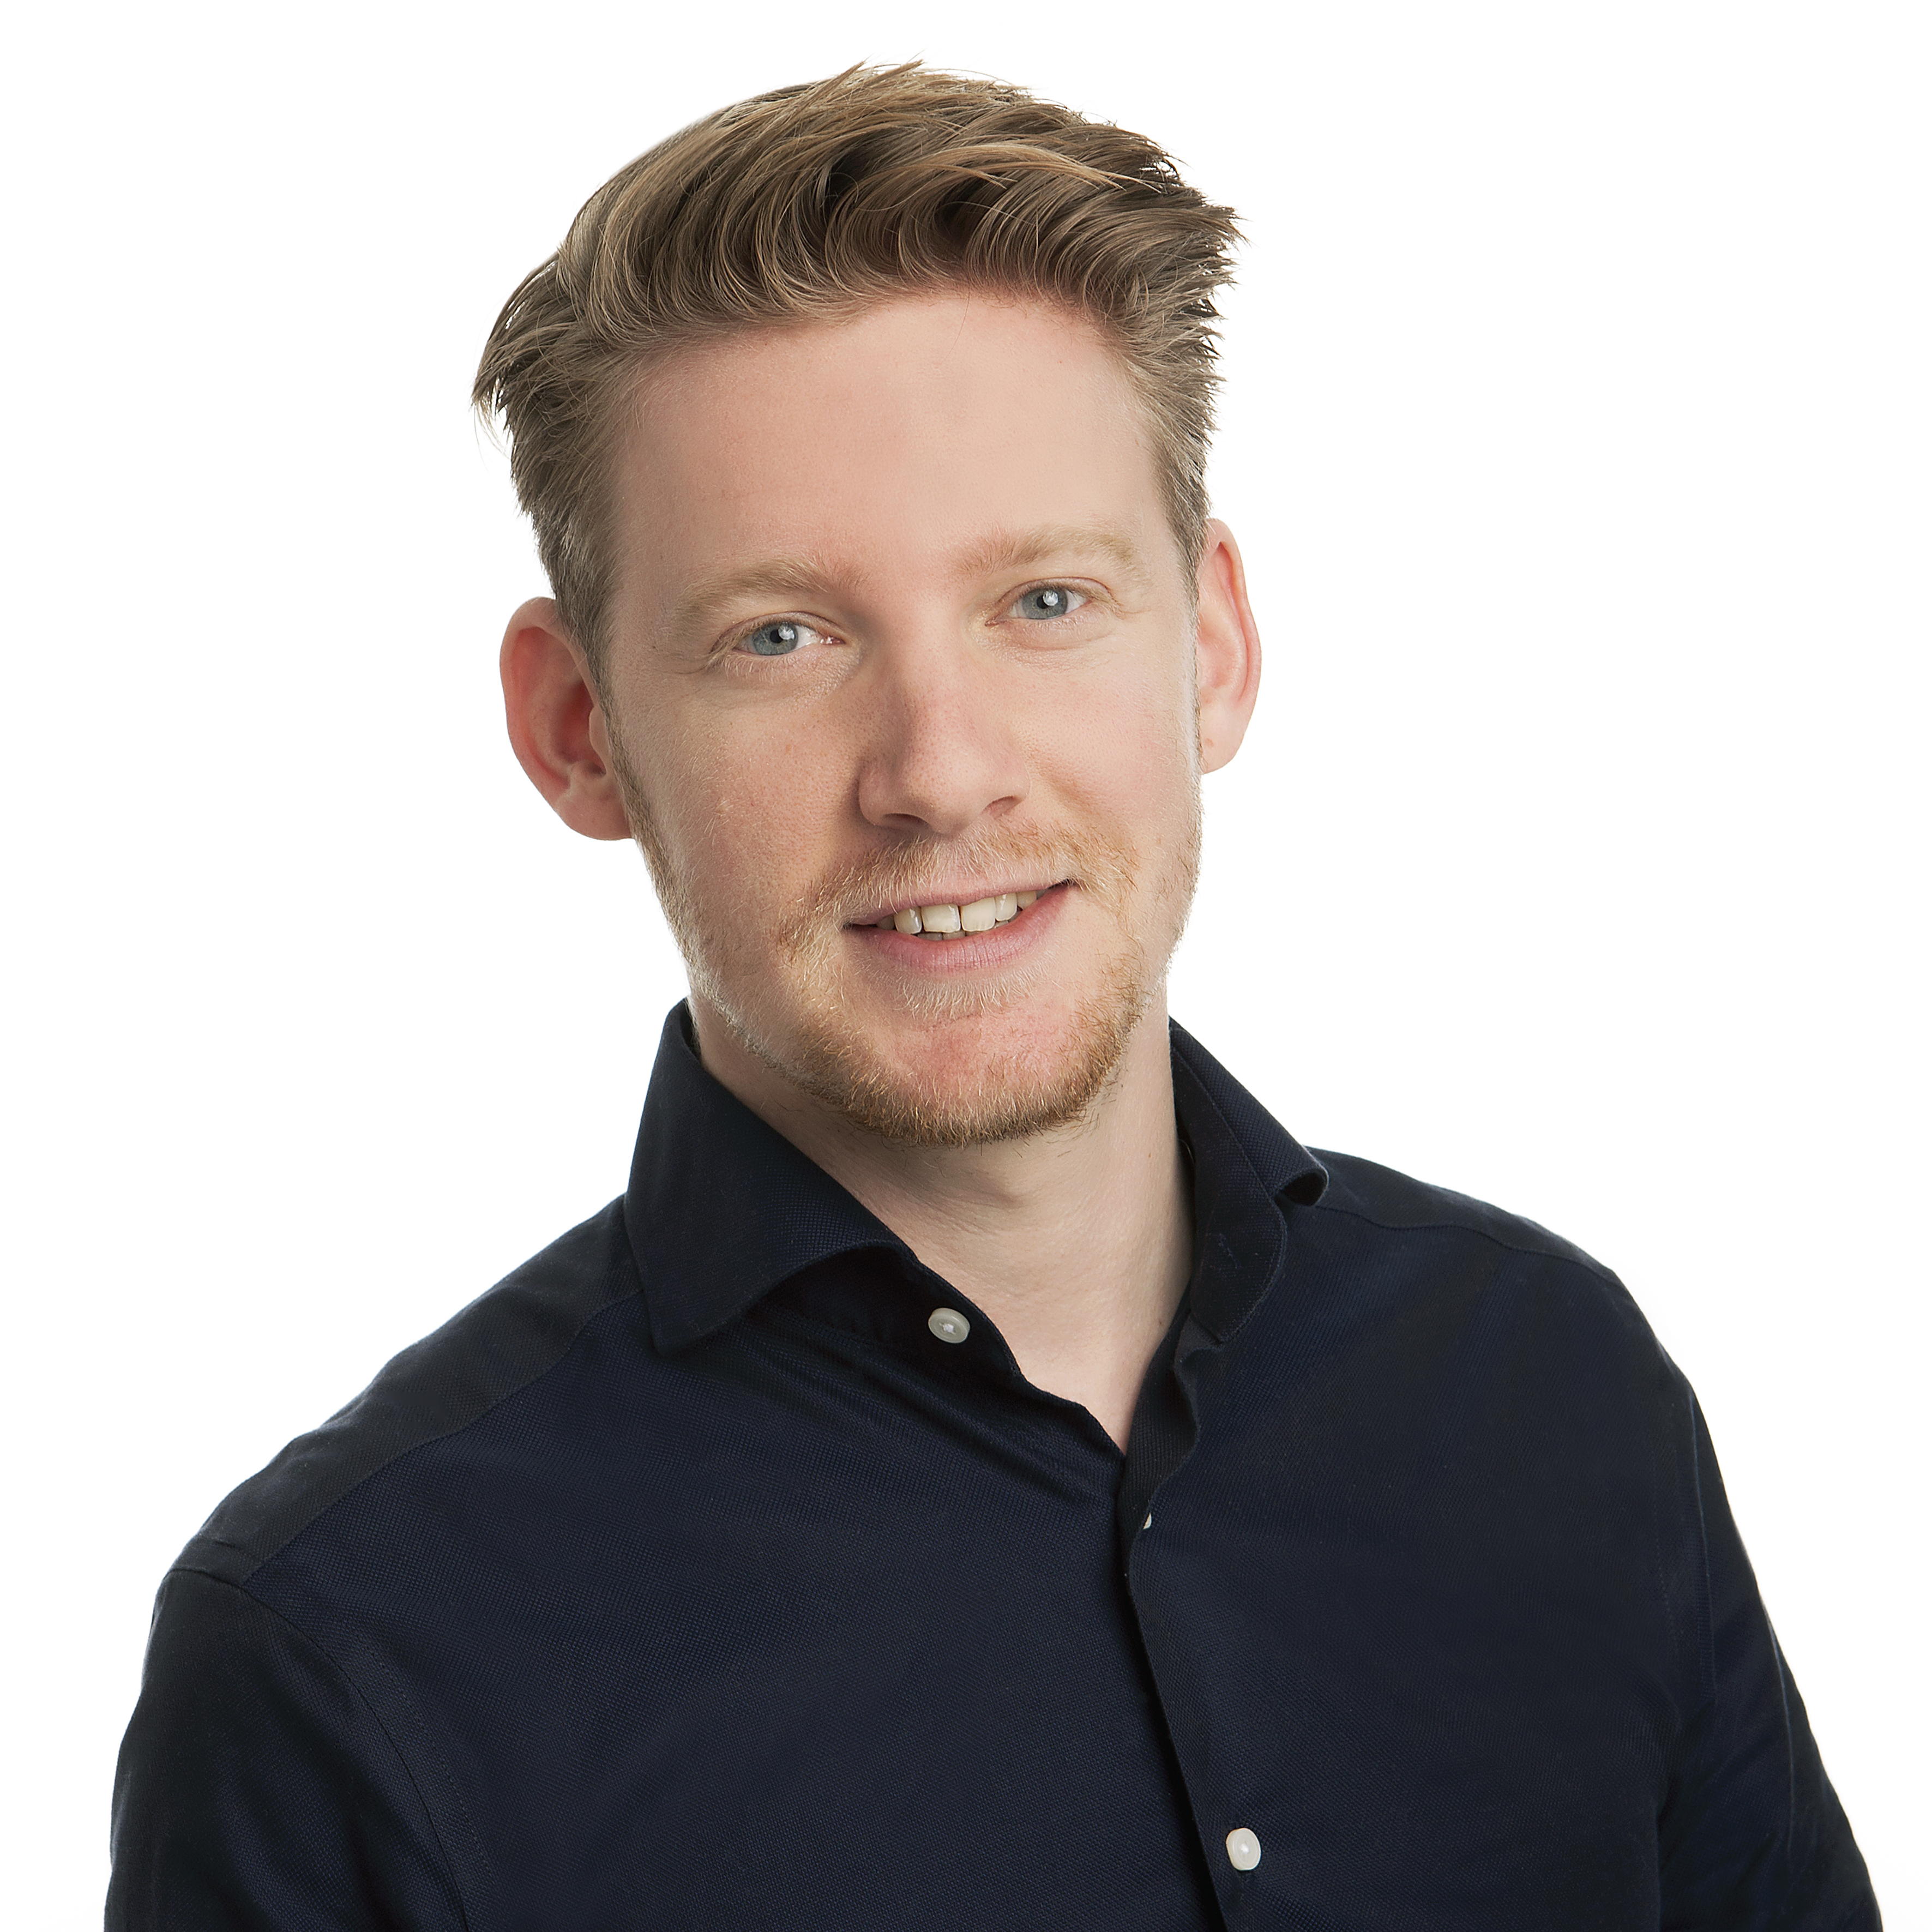 Sander Voortman